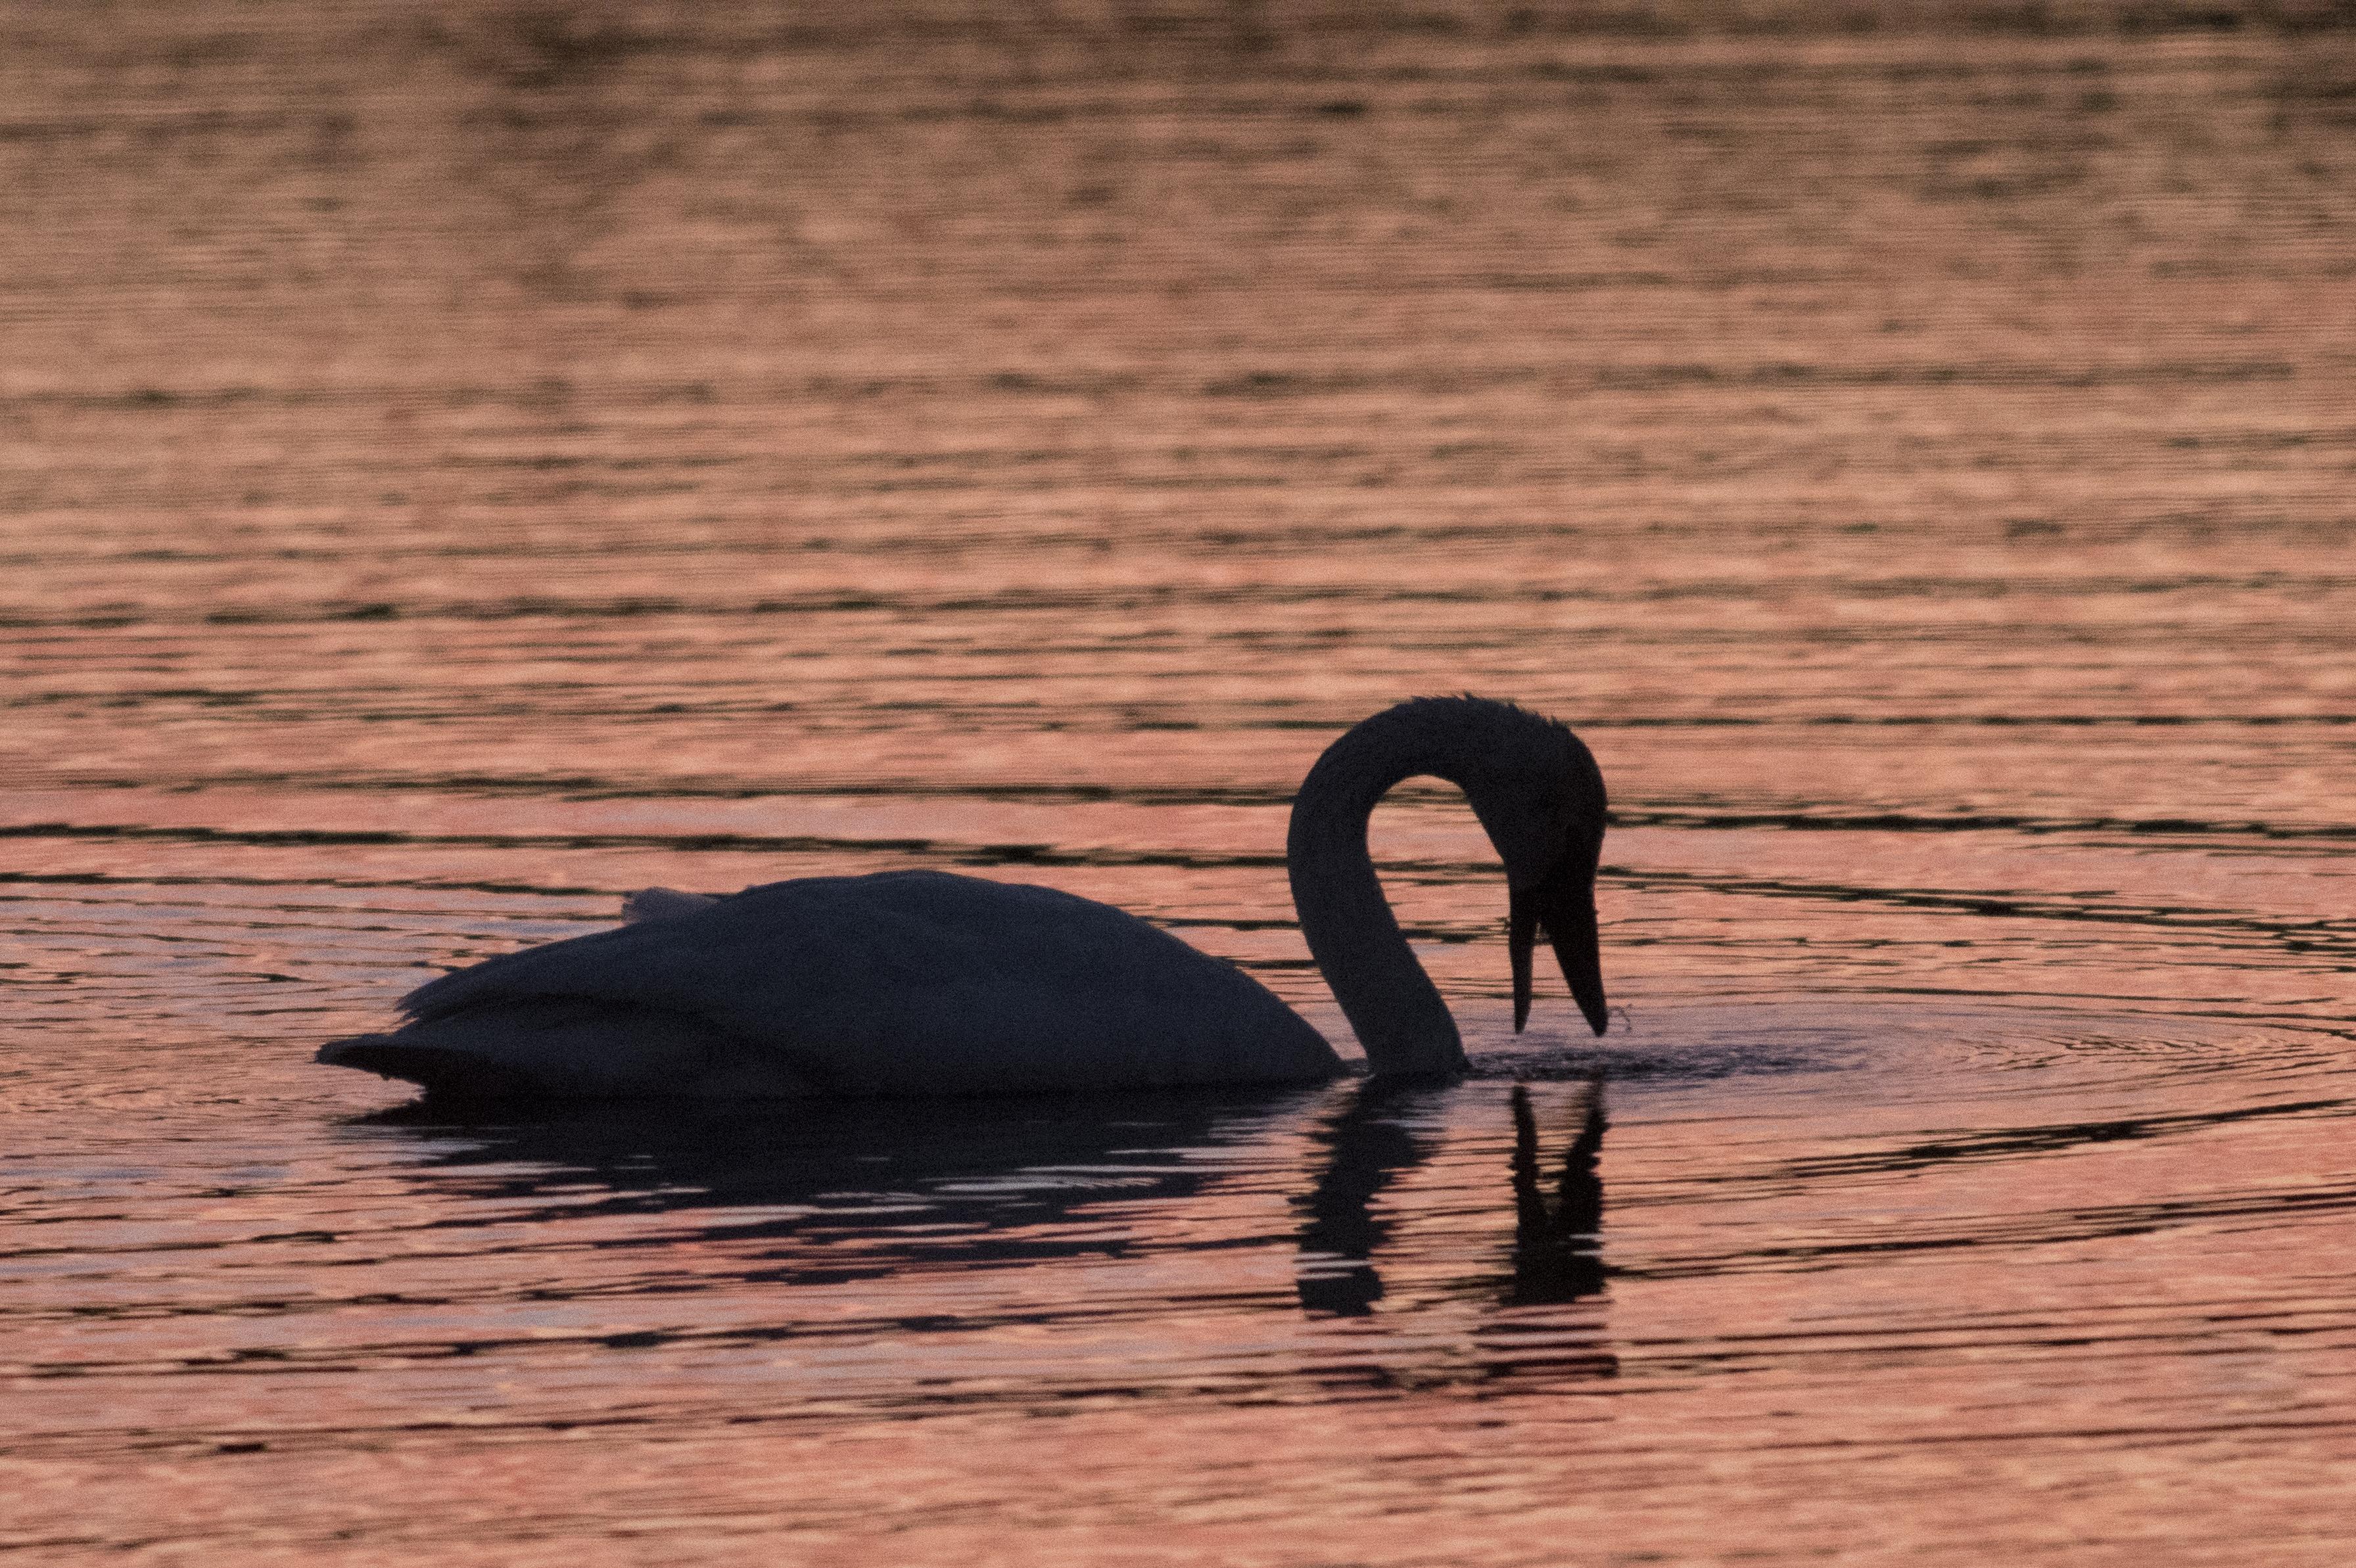 Bird dips head into water